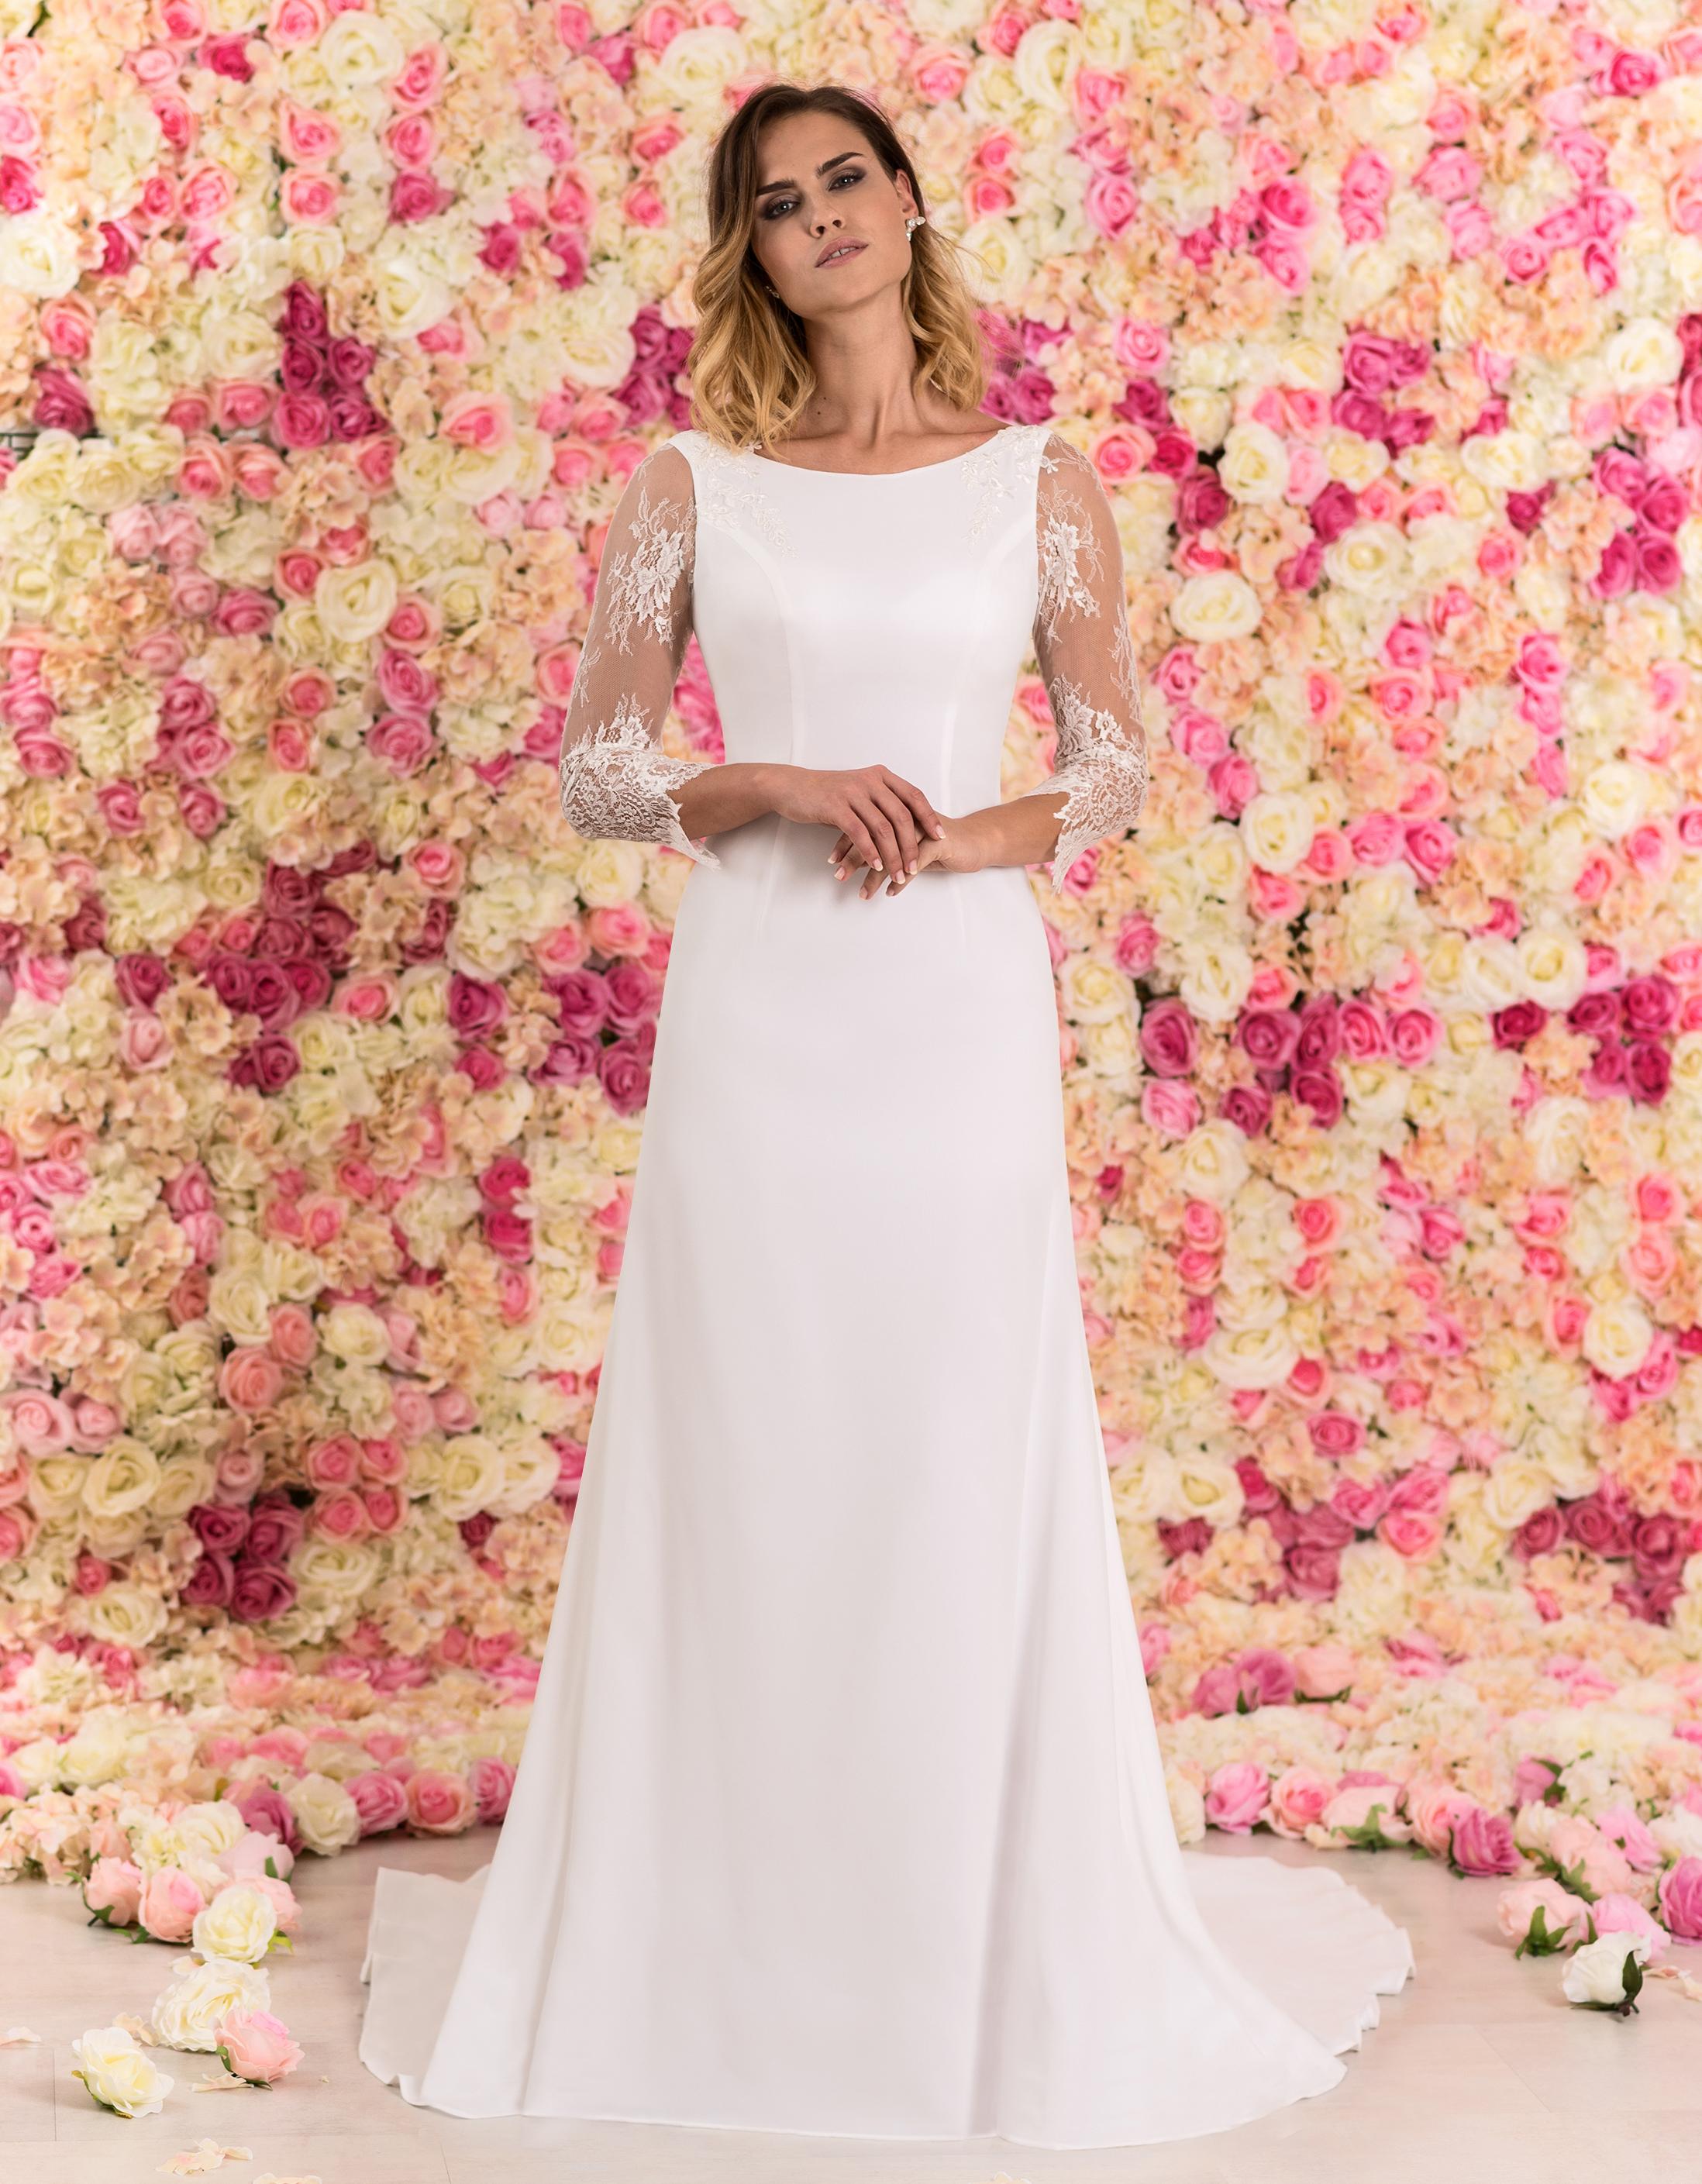 Brautkleid Caprice mit langen Ärmeln aus Spitze